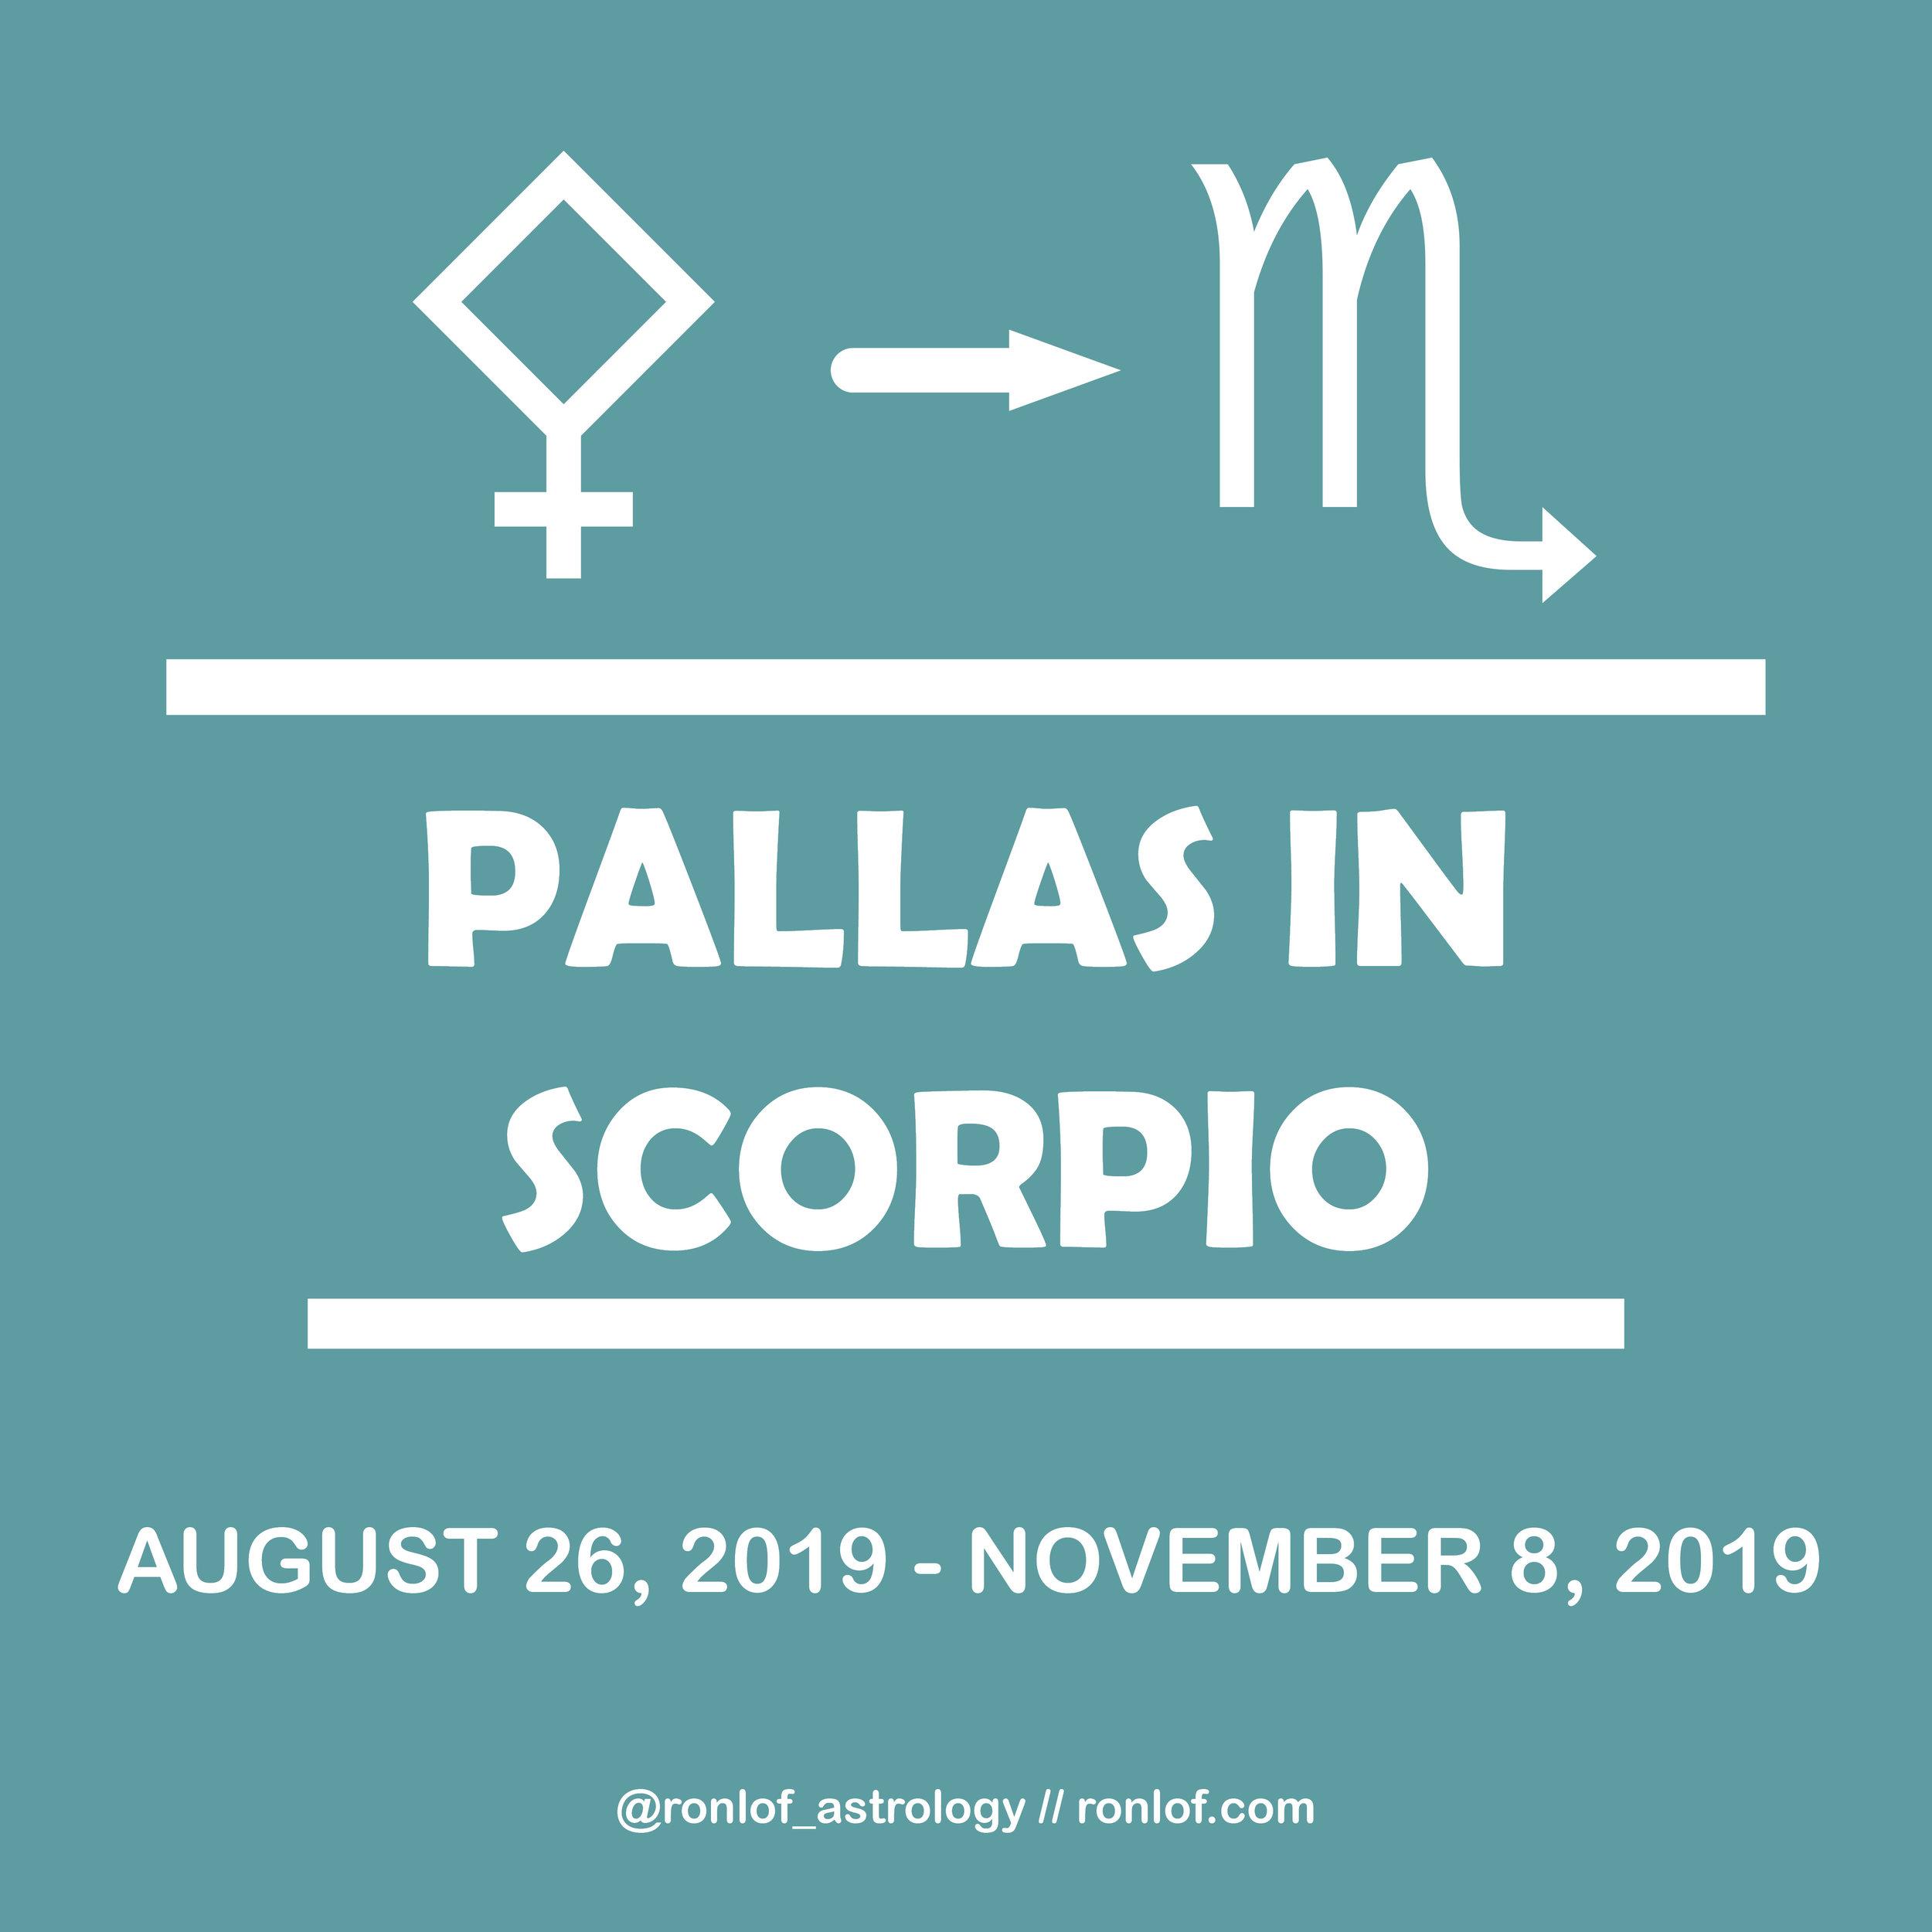 PallasScorpio.jpg